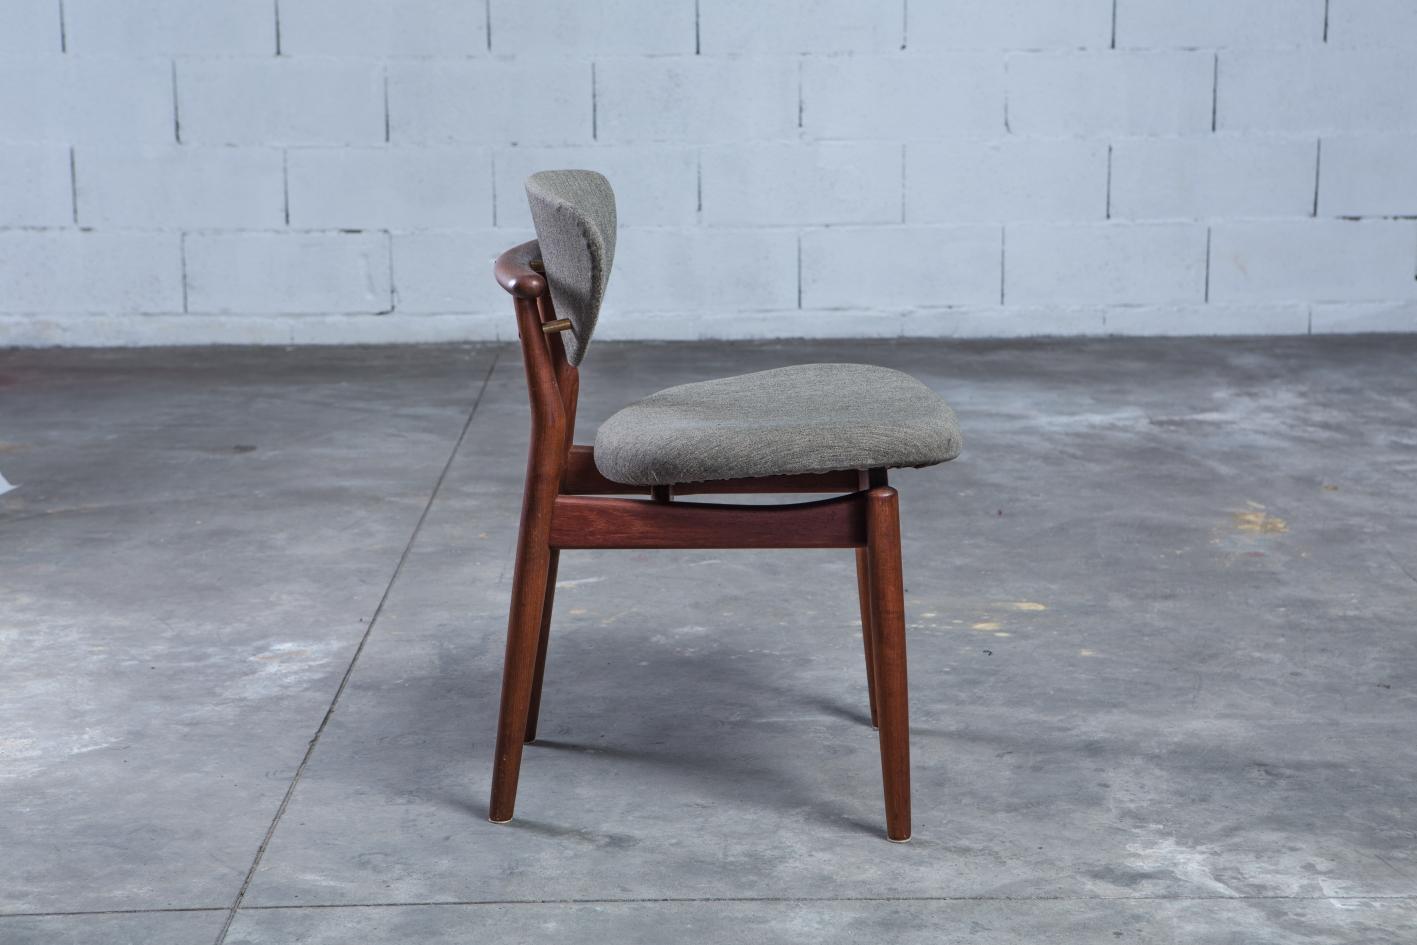 NV108 - Fj55 chairs - Finn Juhl for Niels Vodder - Side view